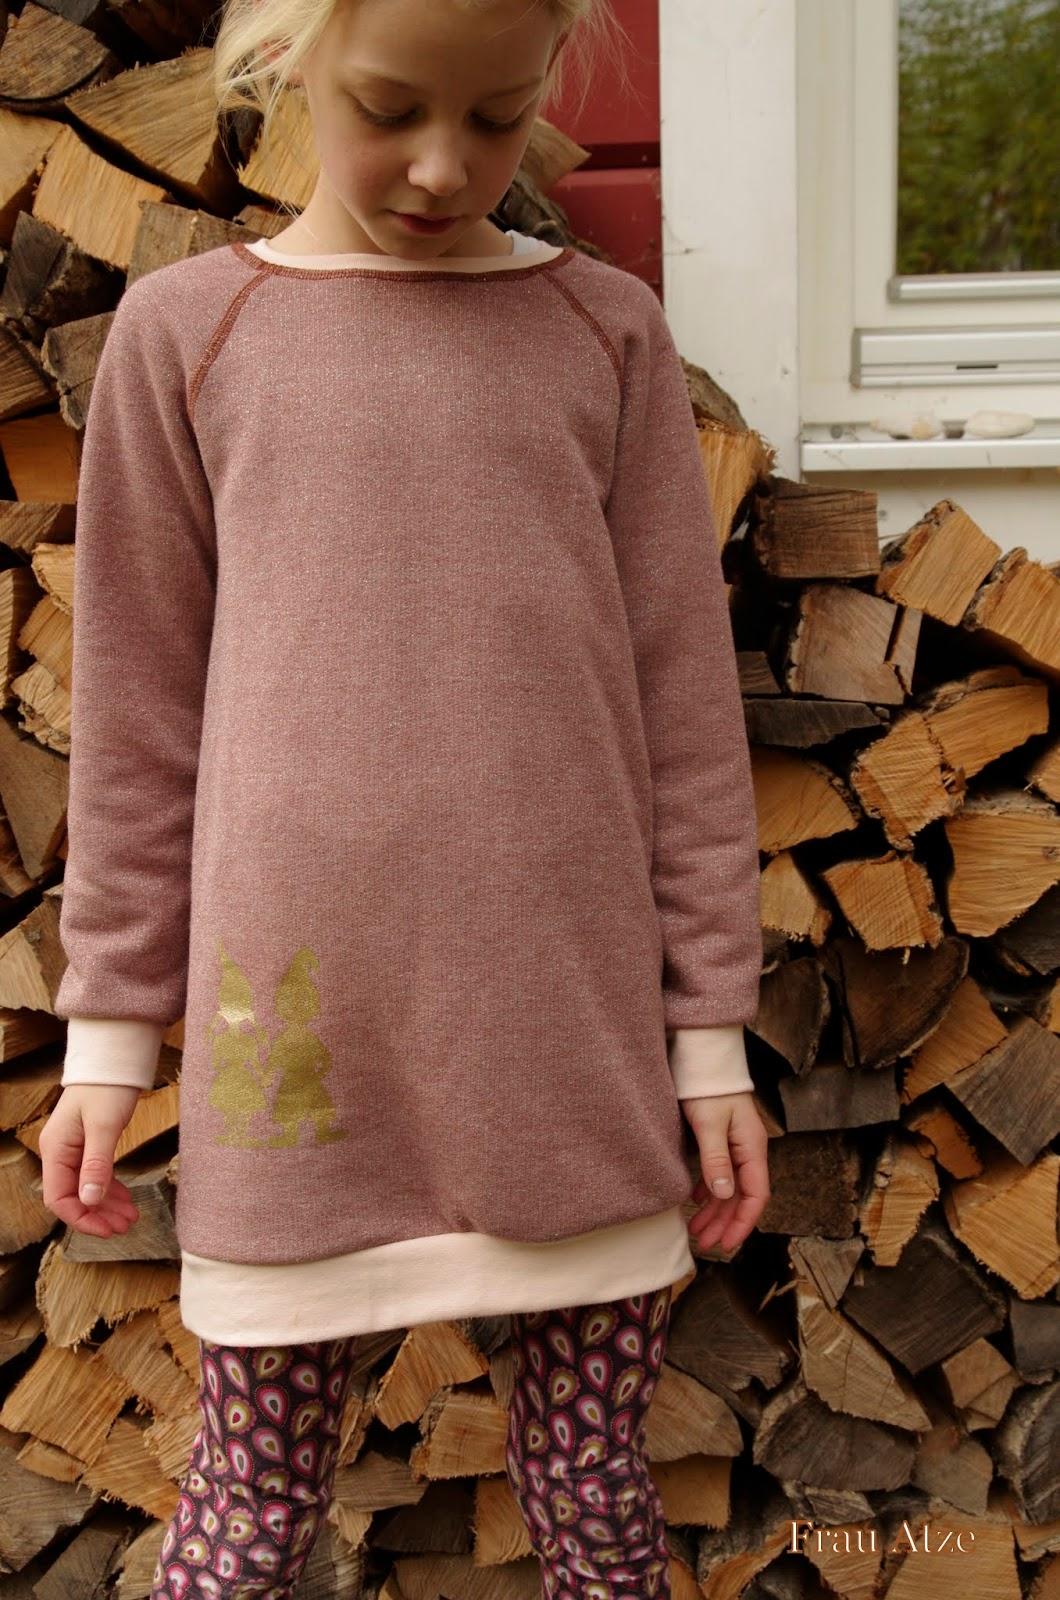 Frau Atze: Ich kann auch schlichter - Sweatkleider aus Glitzersweat